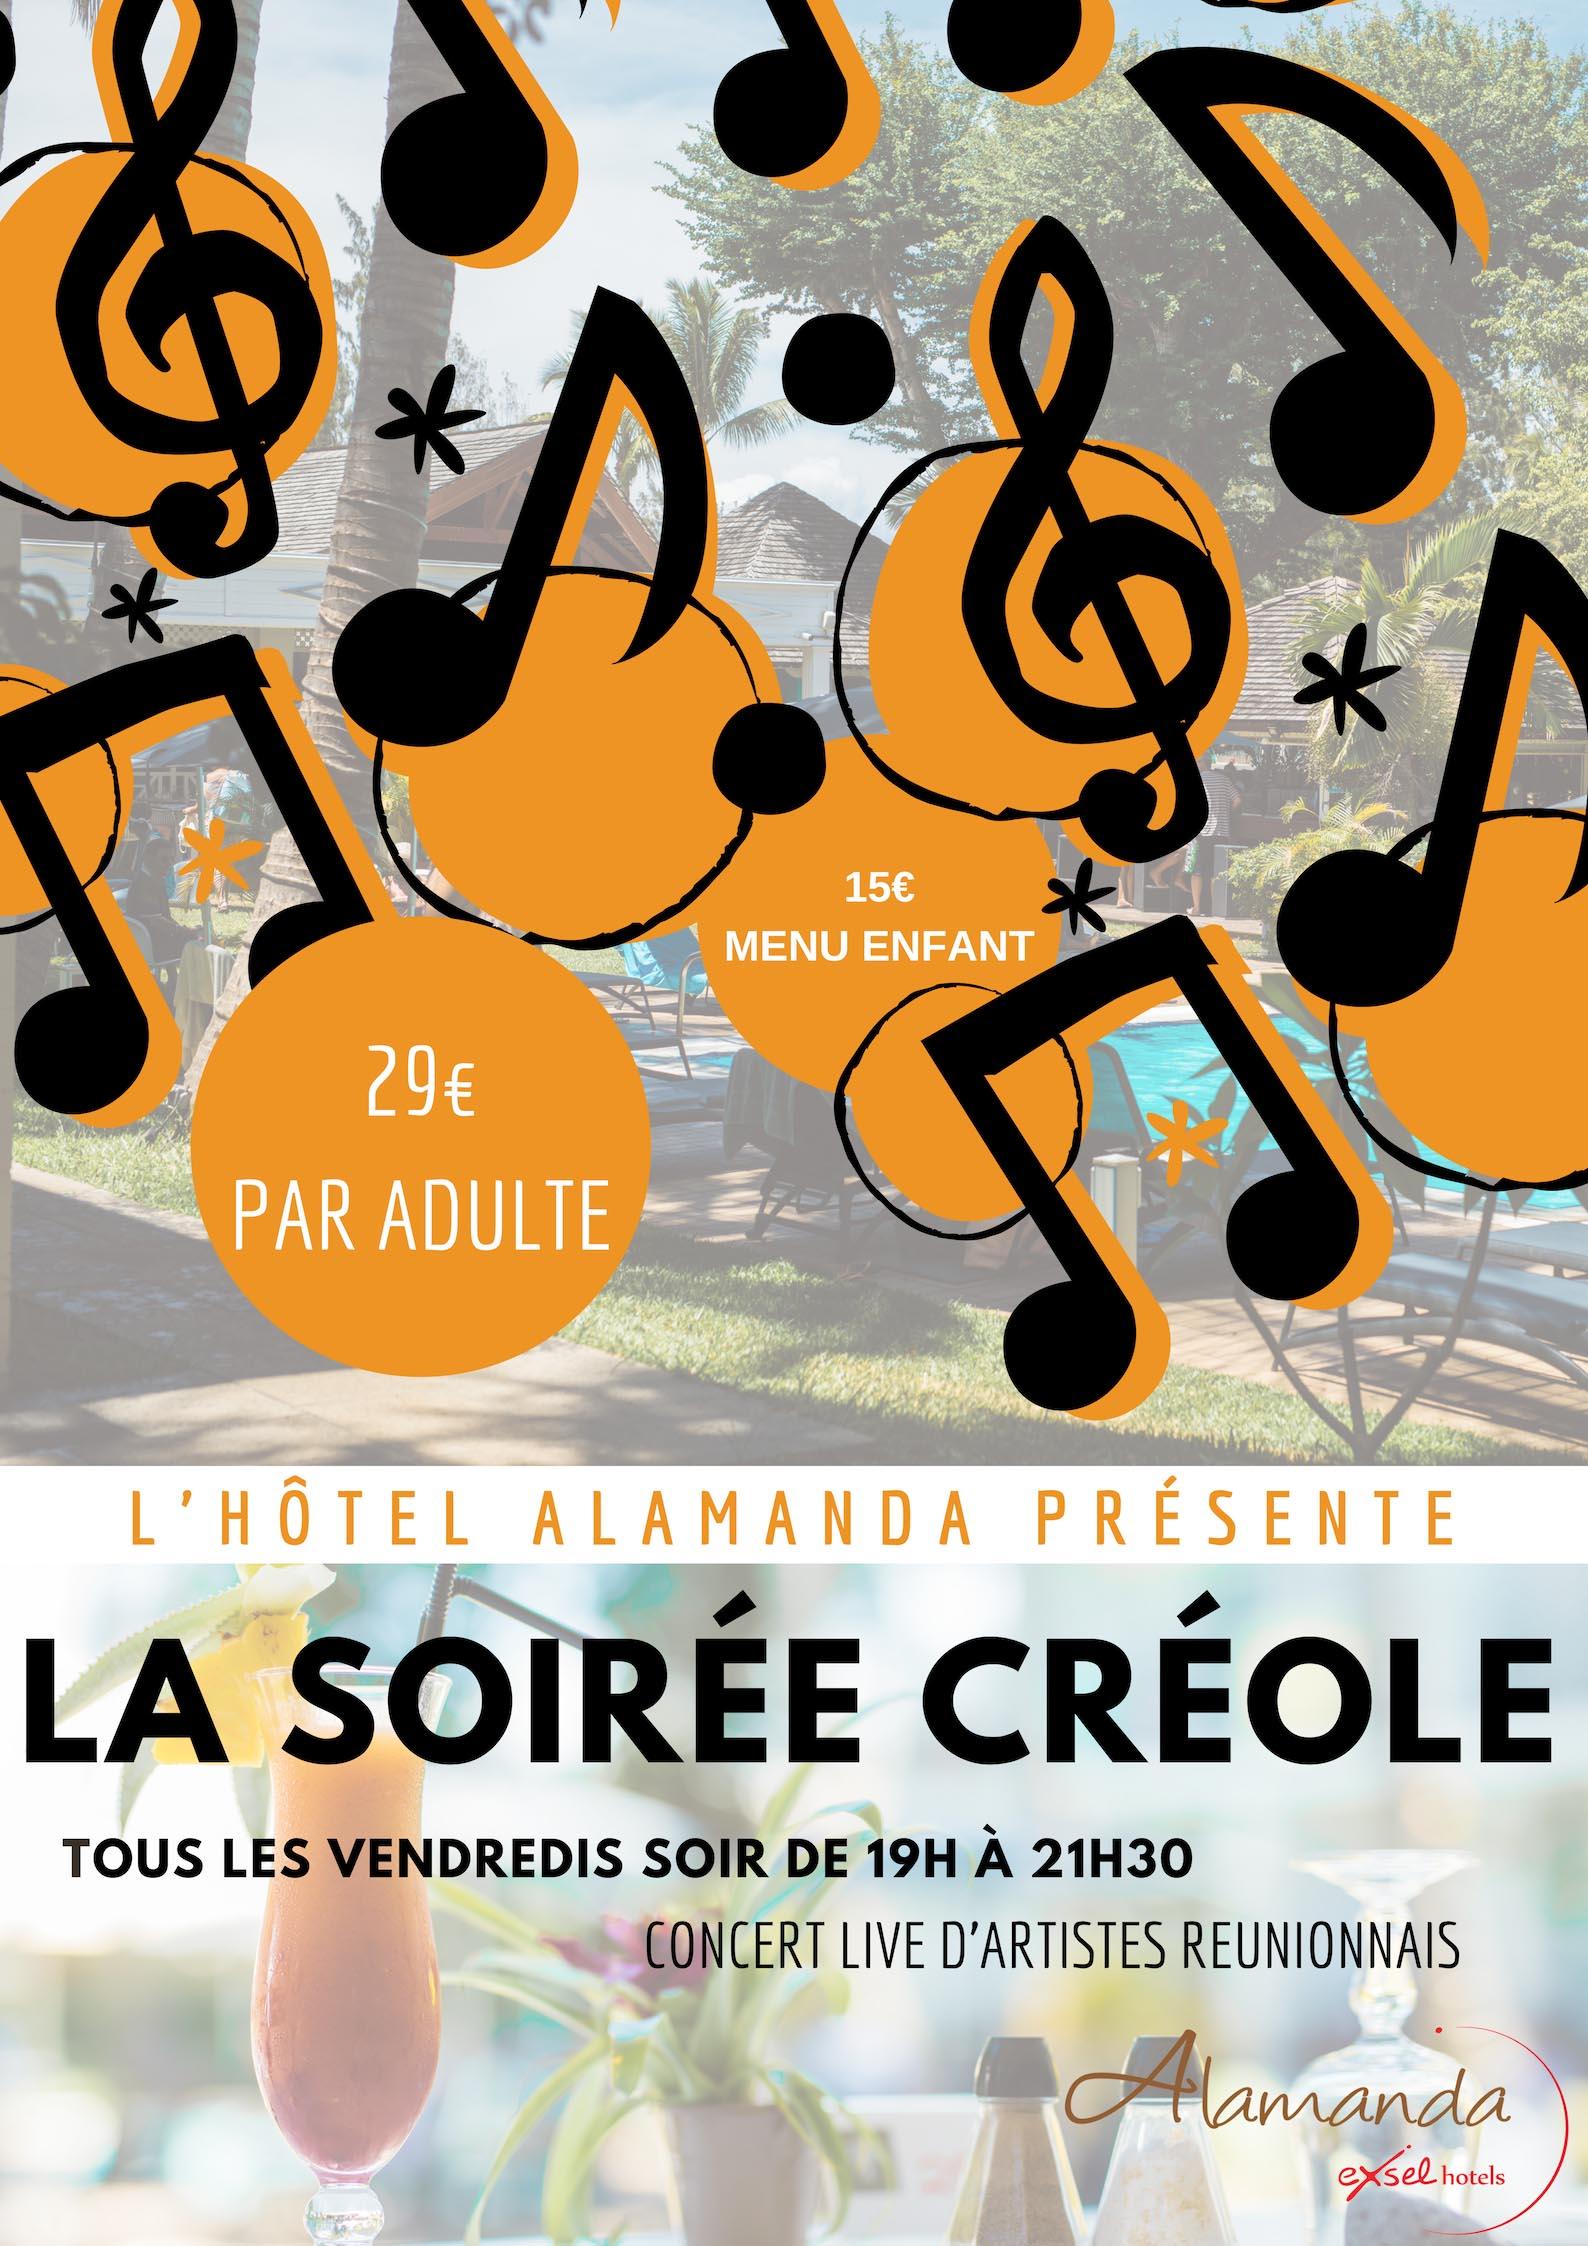 LES SOIRÉES CRÉOLES DE L'ALAMANDA, Les hôtels s'animent, Agenda, L'Ermitage, Office de Tourisme de La Réunion, Ouest La Réunion 974